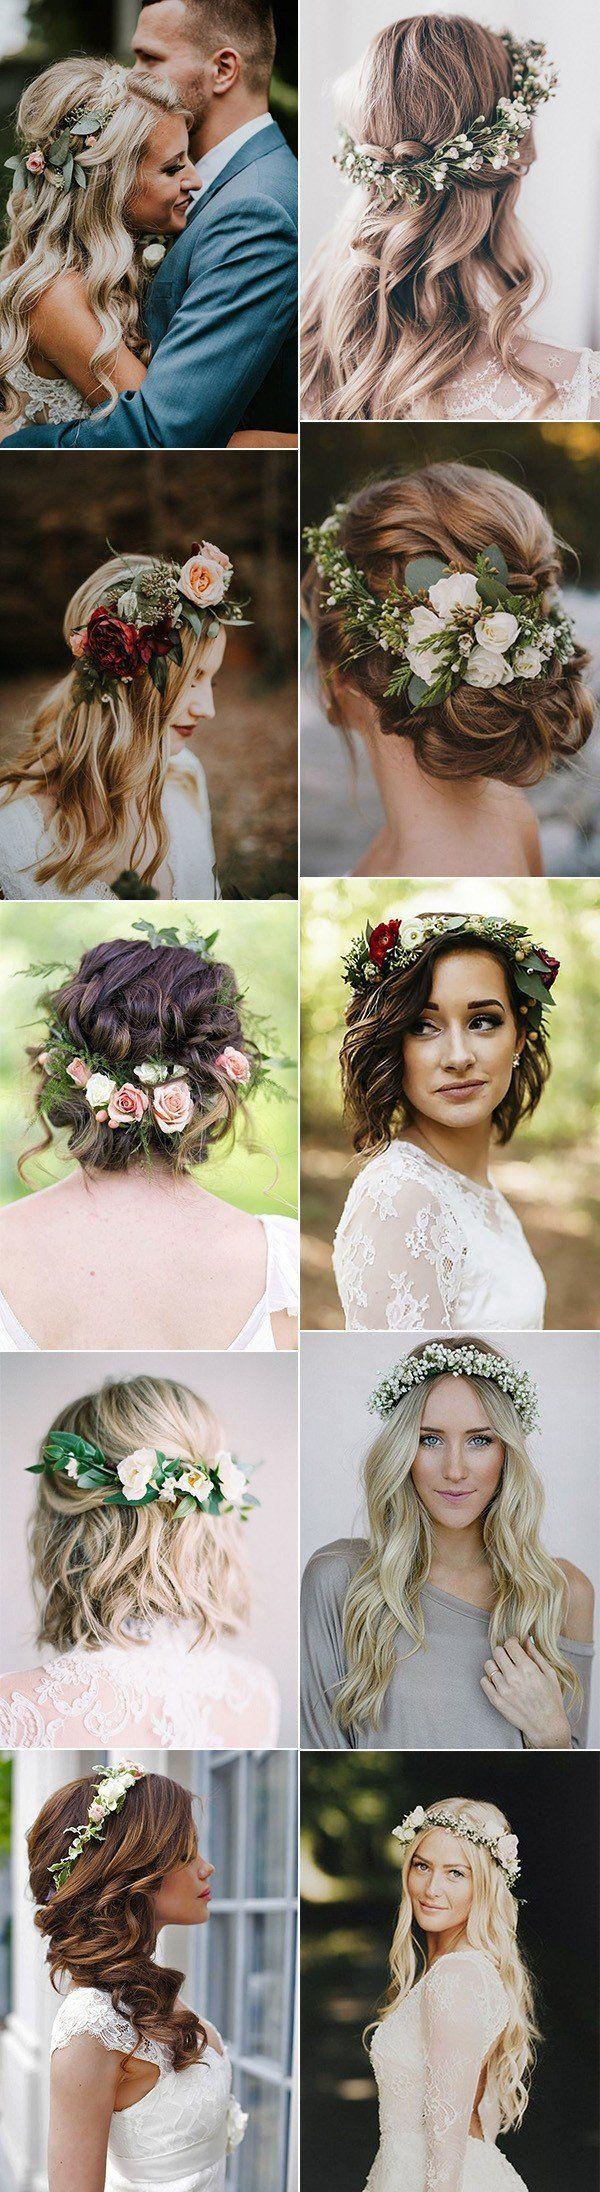 5 wunderschöne Hochzeit Frisuren mit Blumenkrone - Madame Friisuren #diyhairstyles